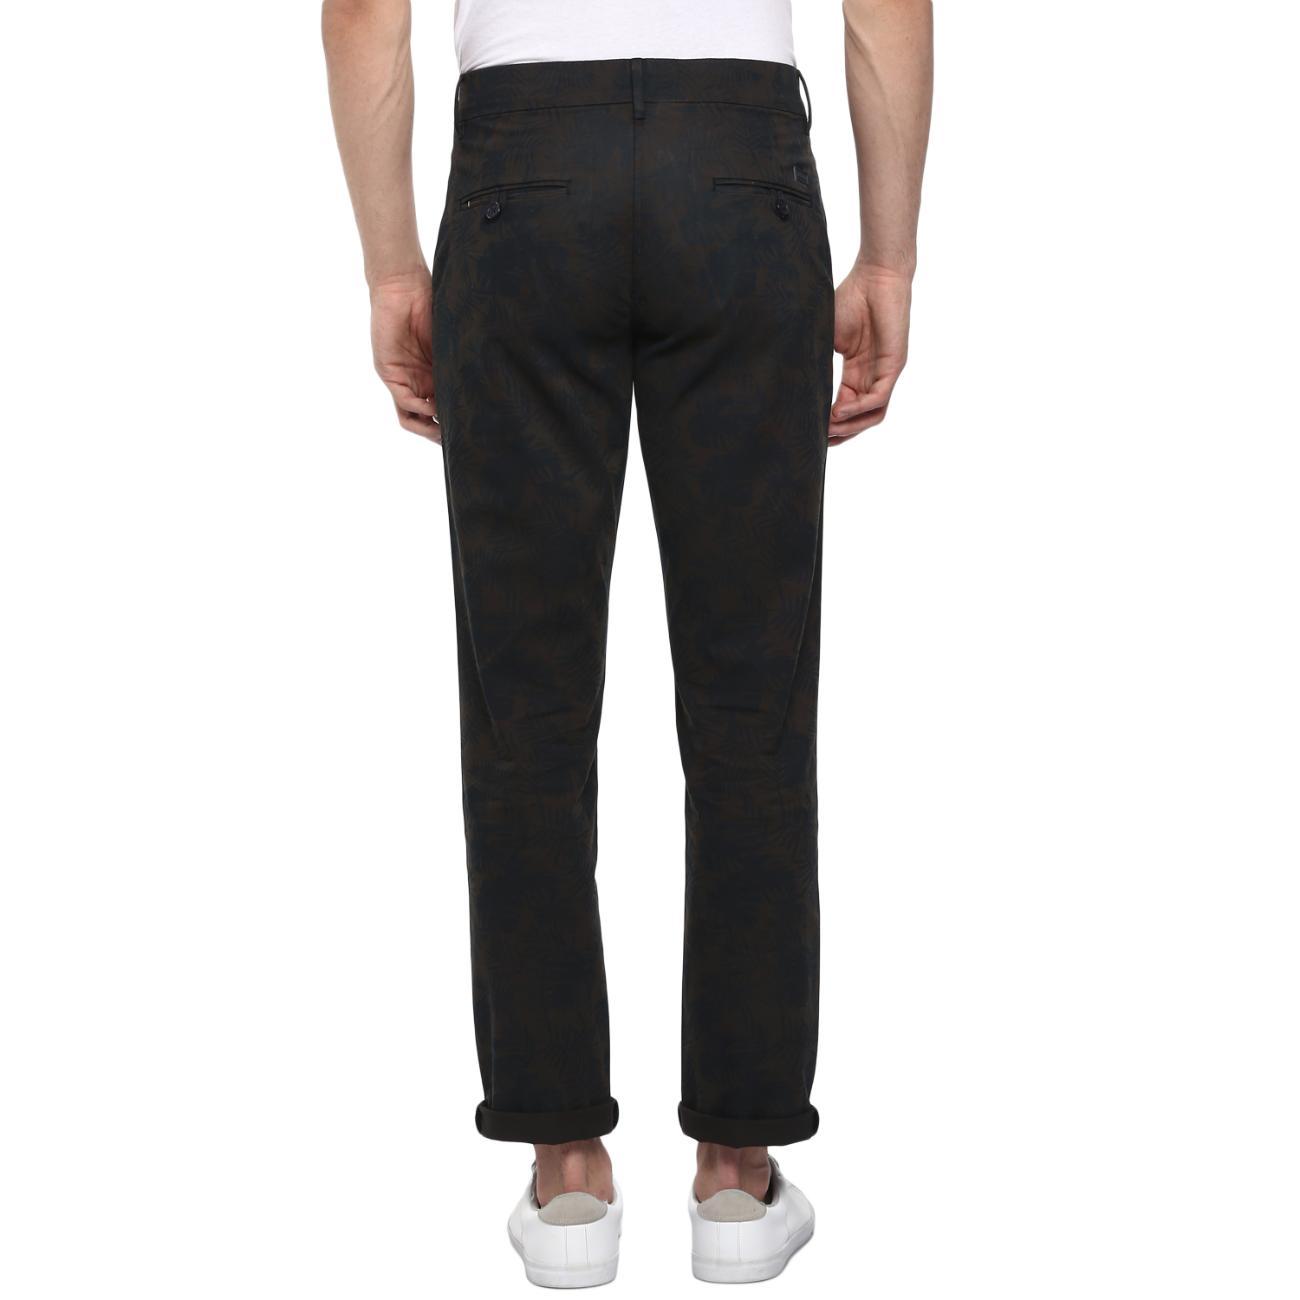 Shop Online Olive/Black Trouser